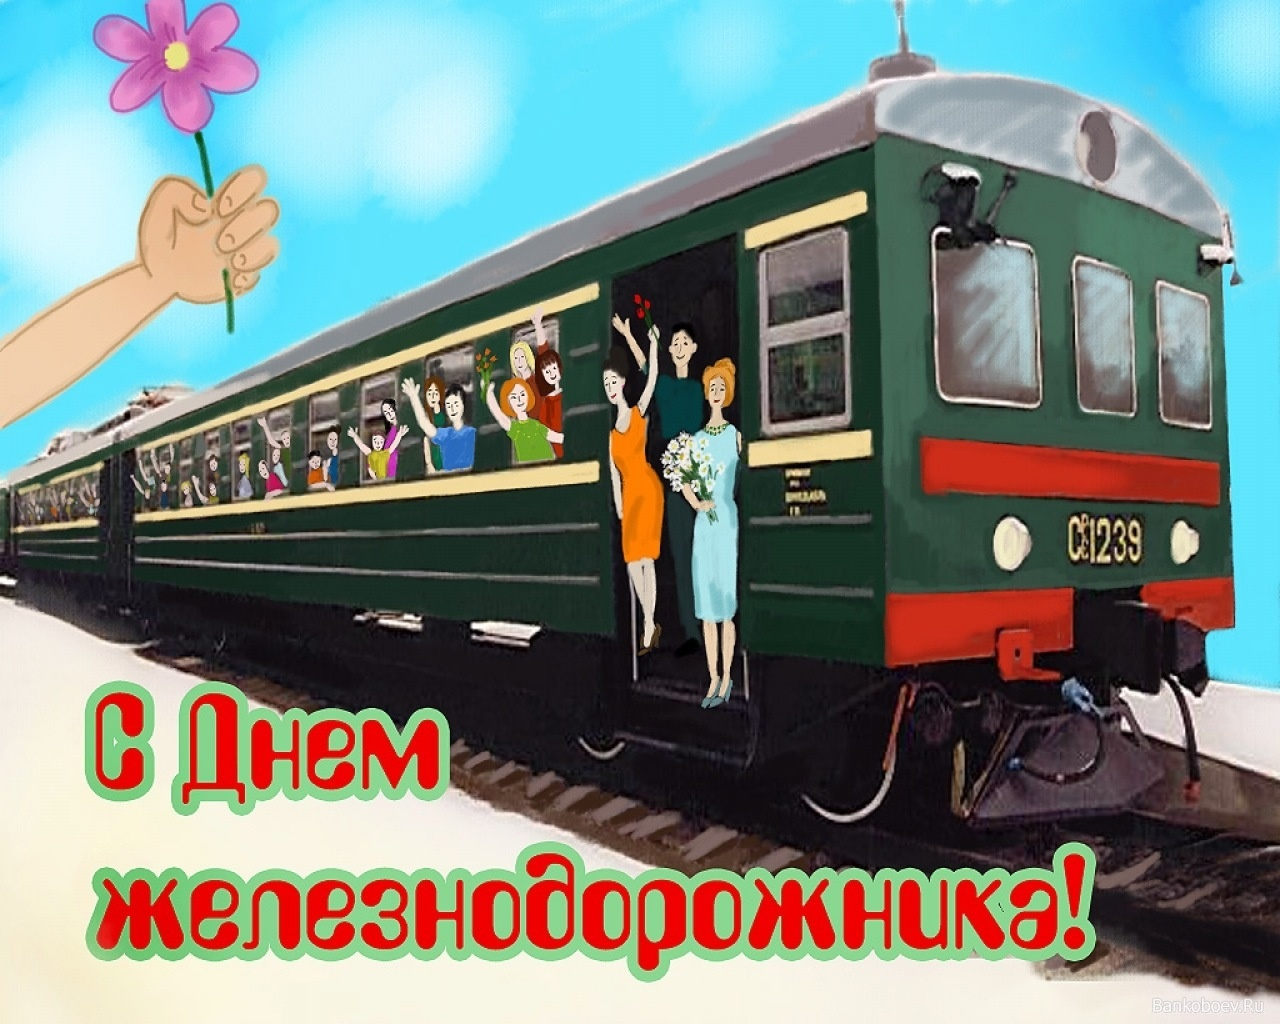 Праздник железнодорожников открытки, елка свечами открытки